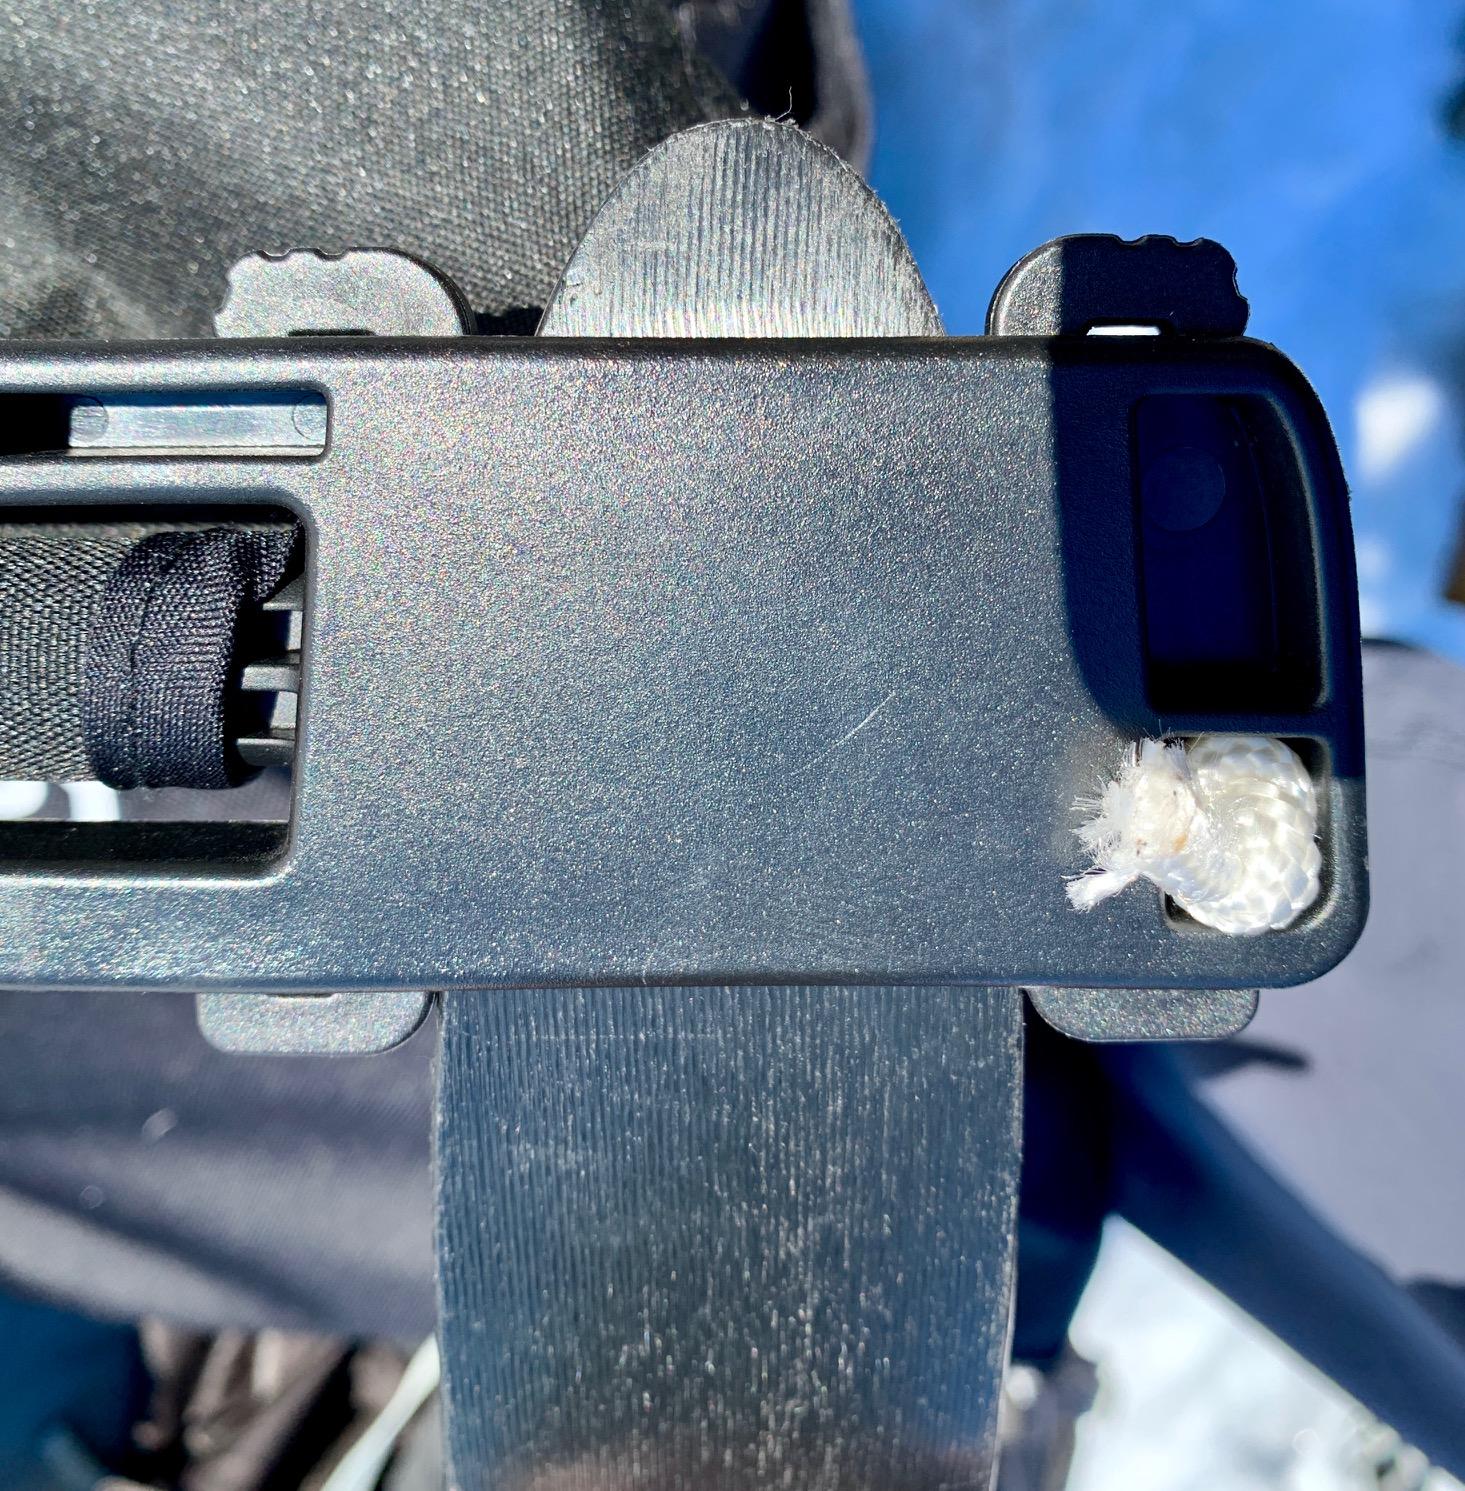 Eksempel på monteret klips og ski indsat i åbningen